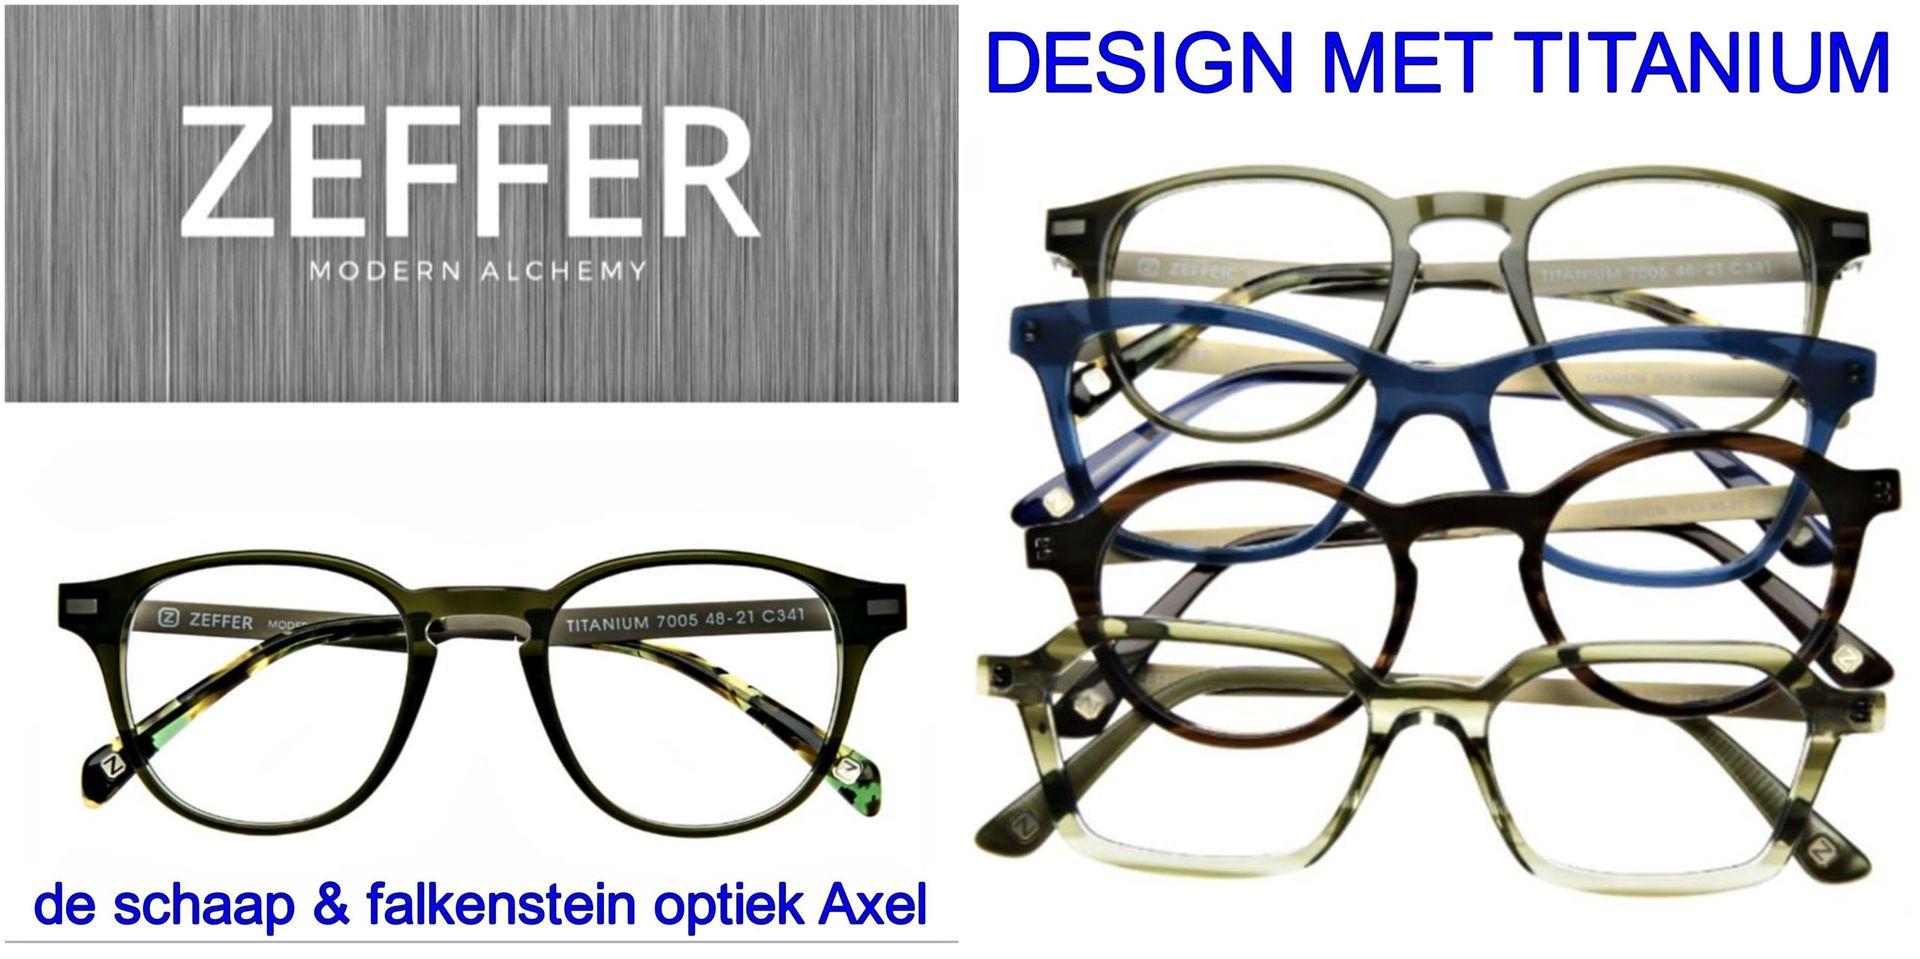 Collage Design met titanium - voor website & fb - met winkelnaam